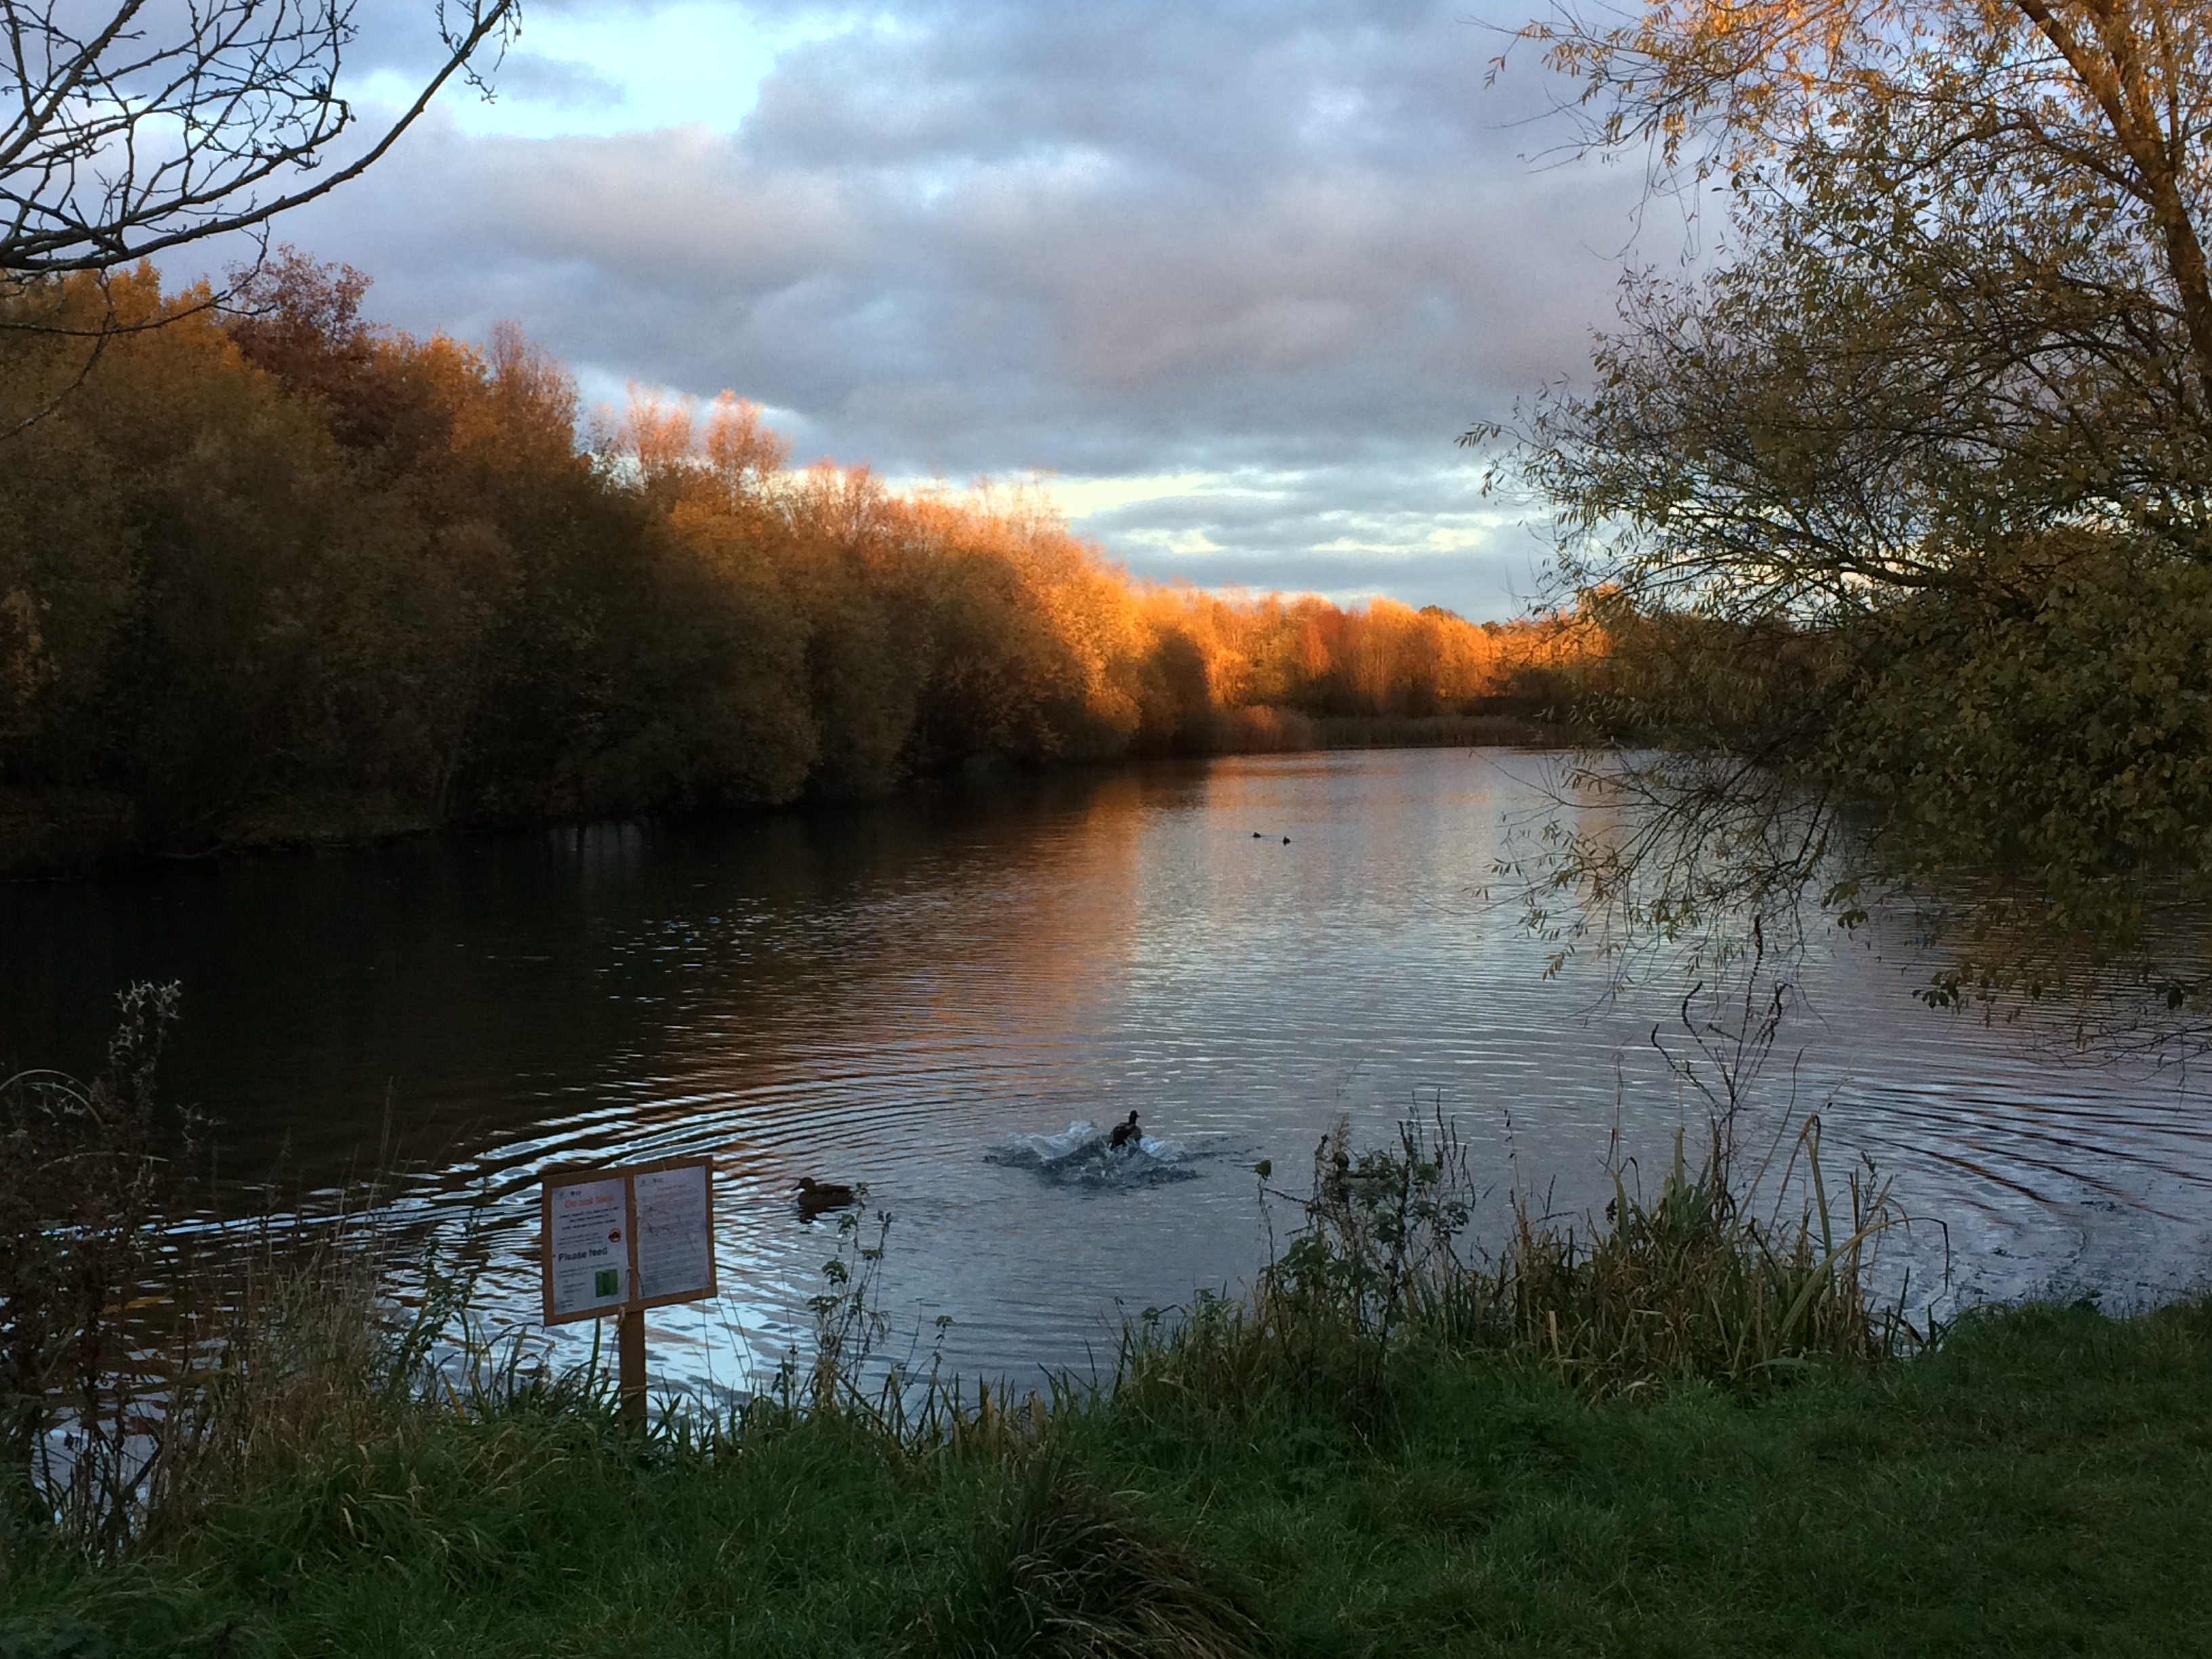 The lake near ur house at sunset